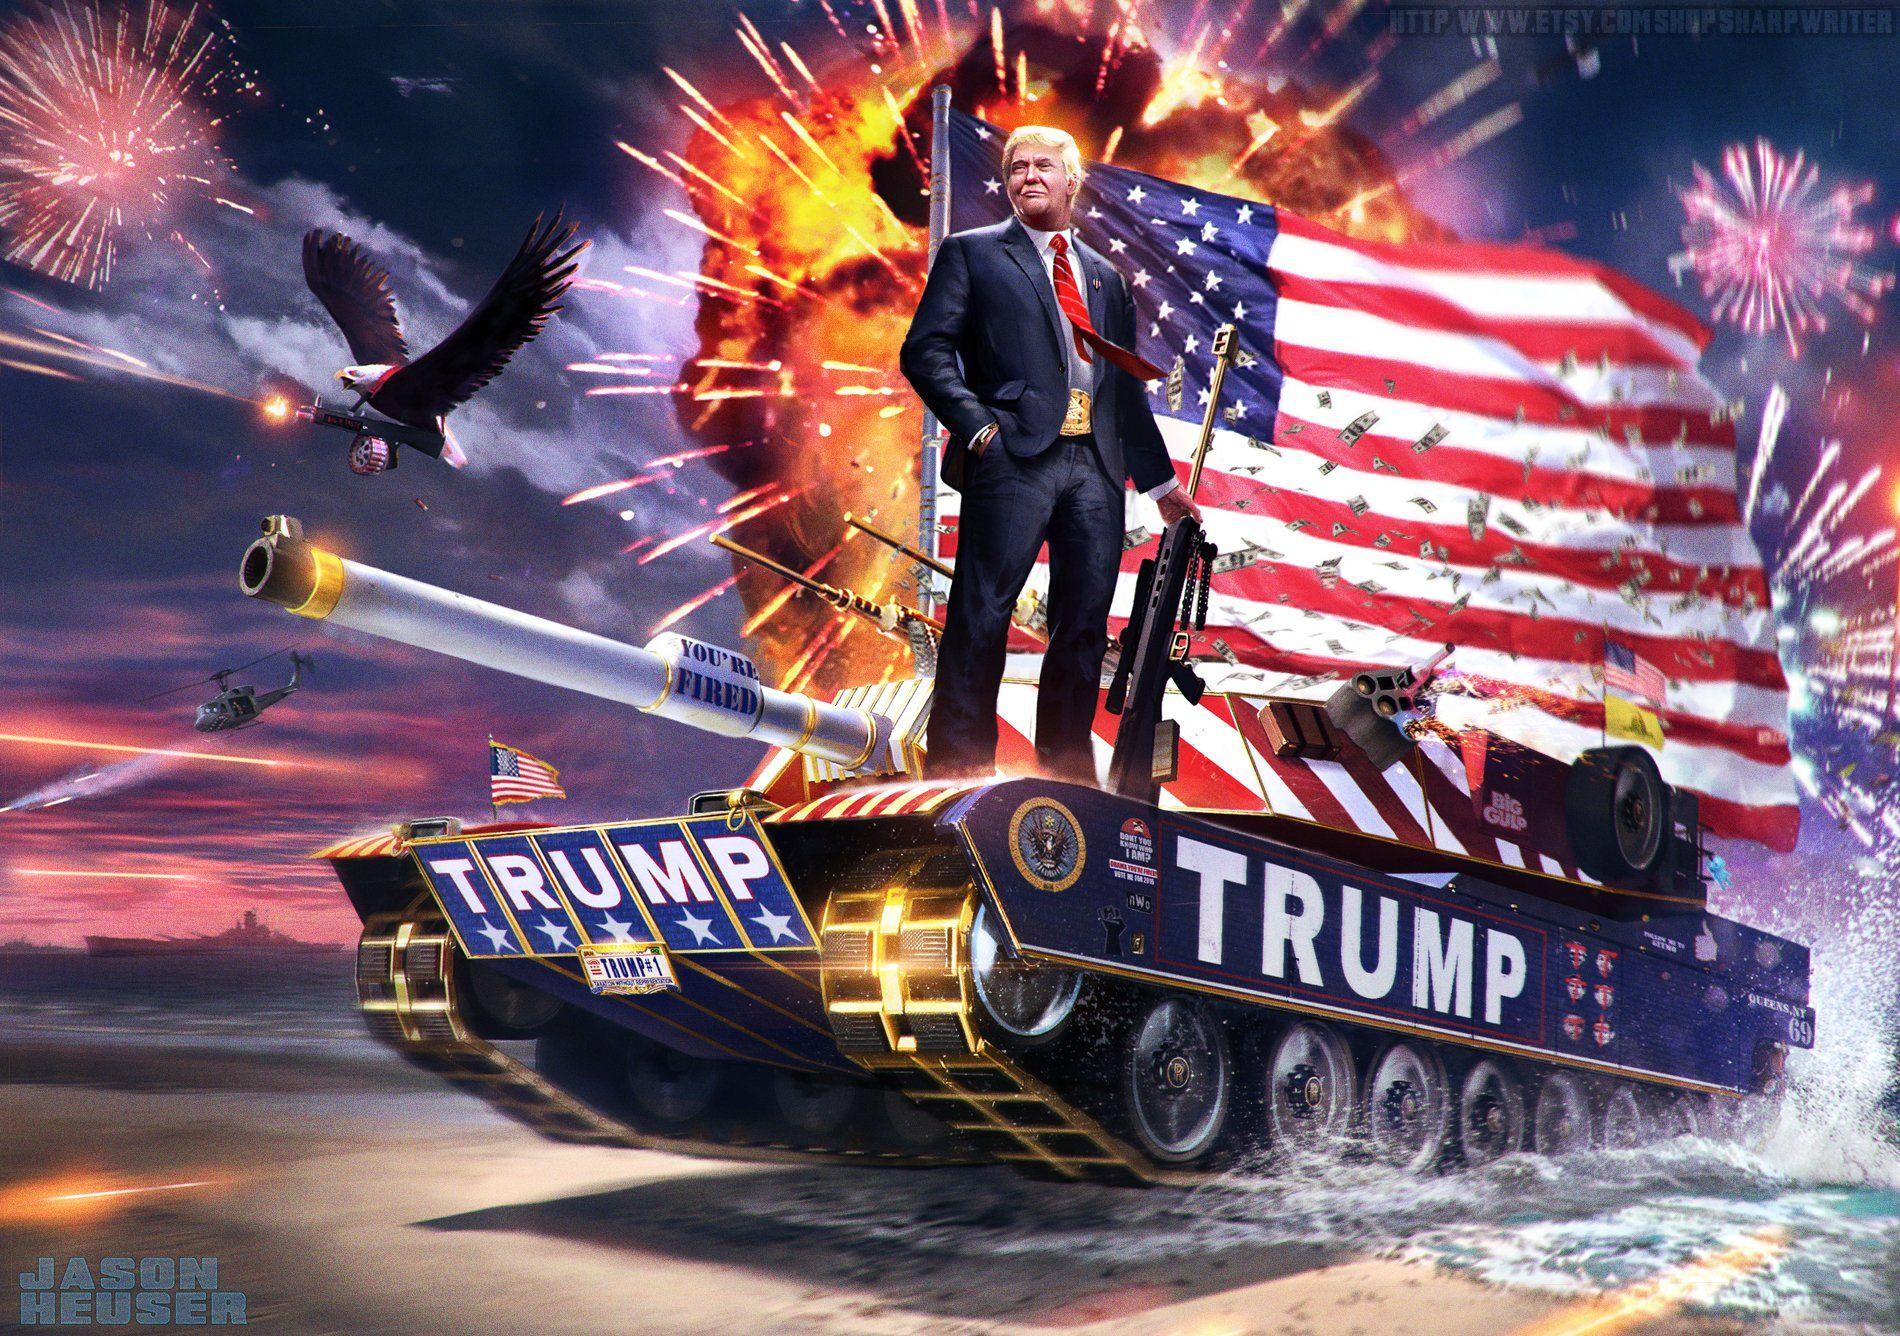 Trump 2020 Wallpapers   Top Trump 2020 Backgrounds 1900x1336